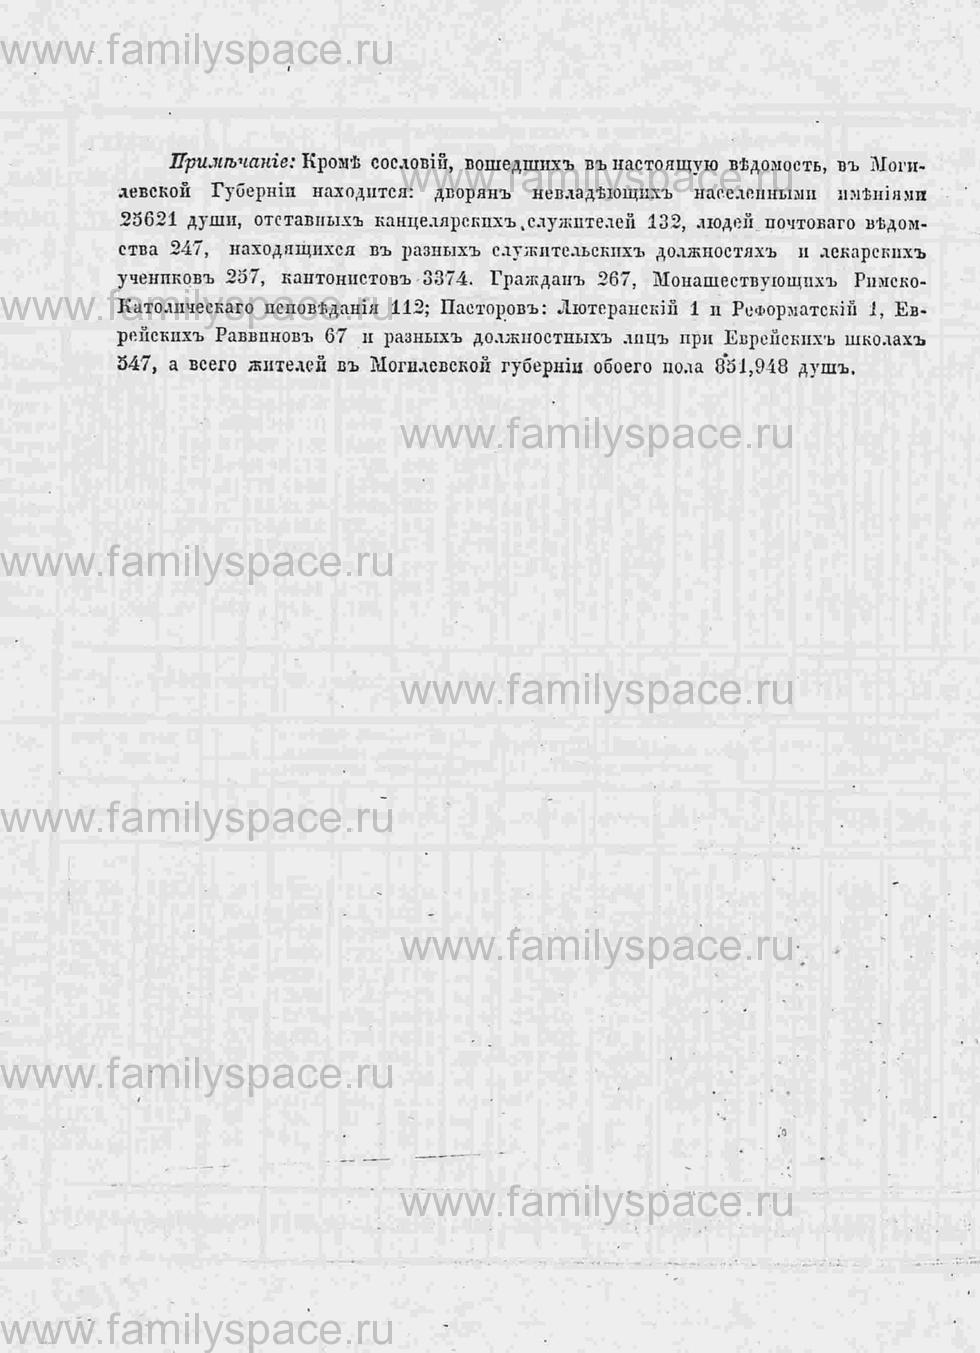 Поиск по фамилии - Памятная книга за 1853 год по Могилёвской губернии, страница 124